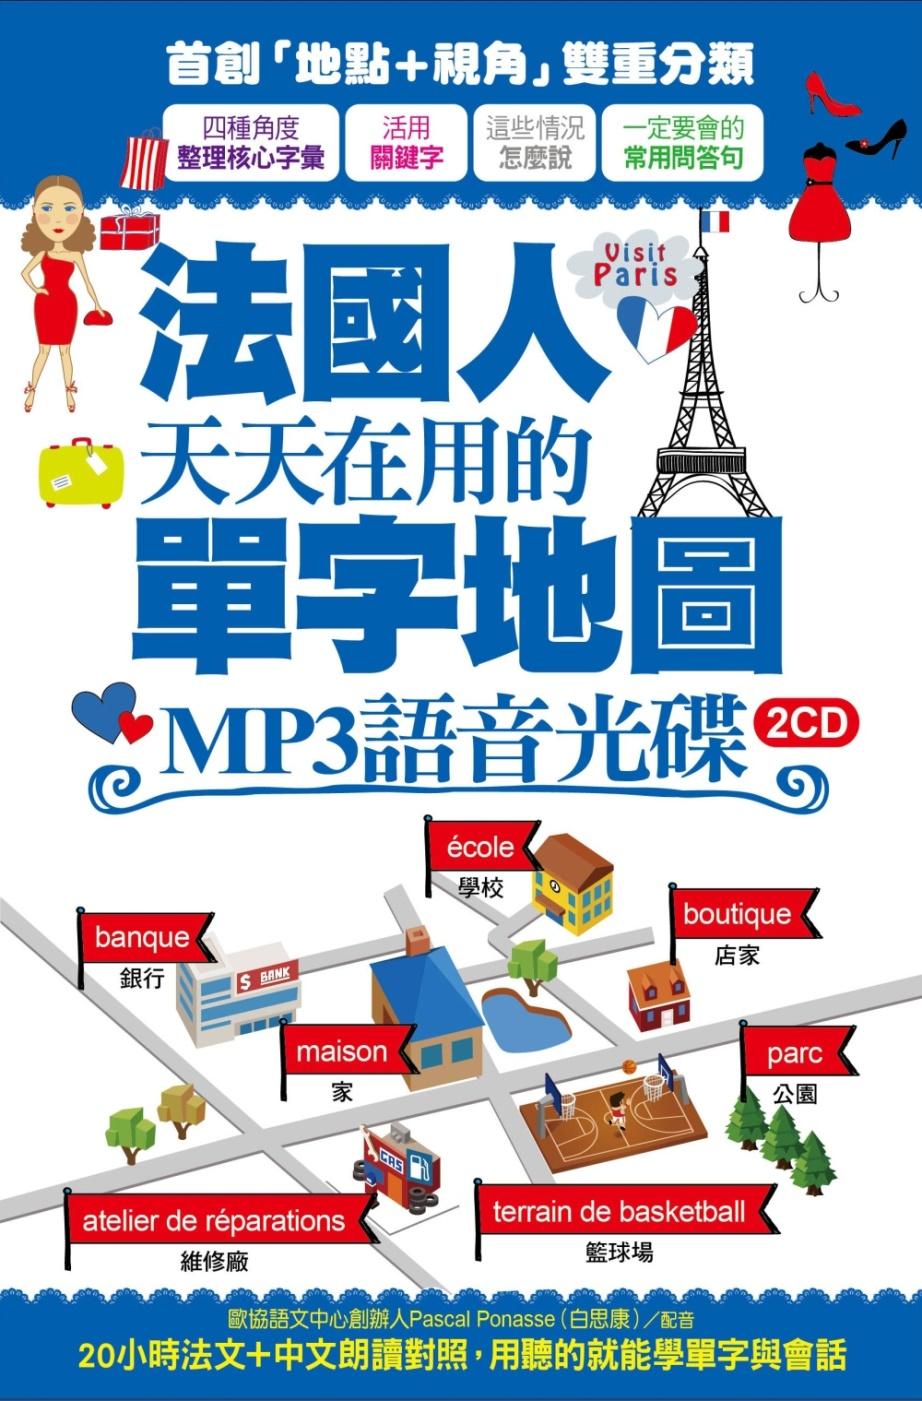 法國人天天在用的單字地圖 MP3語音光碟(2CD):20小時法文+中文朗讀對照,用聽的就能學單字與會話